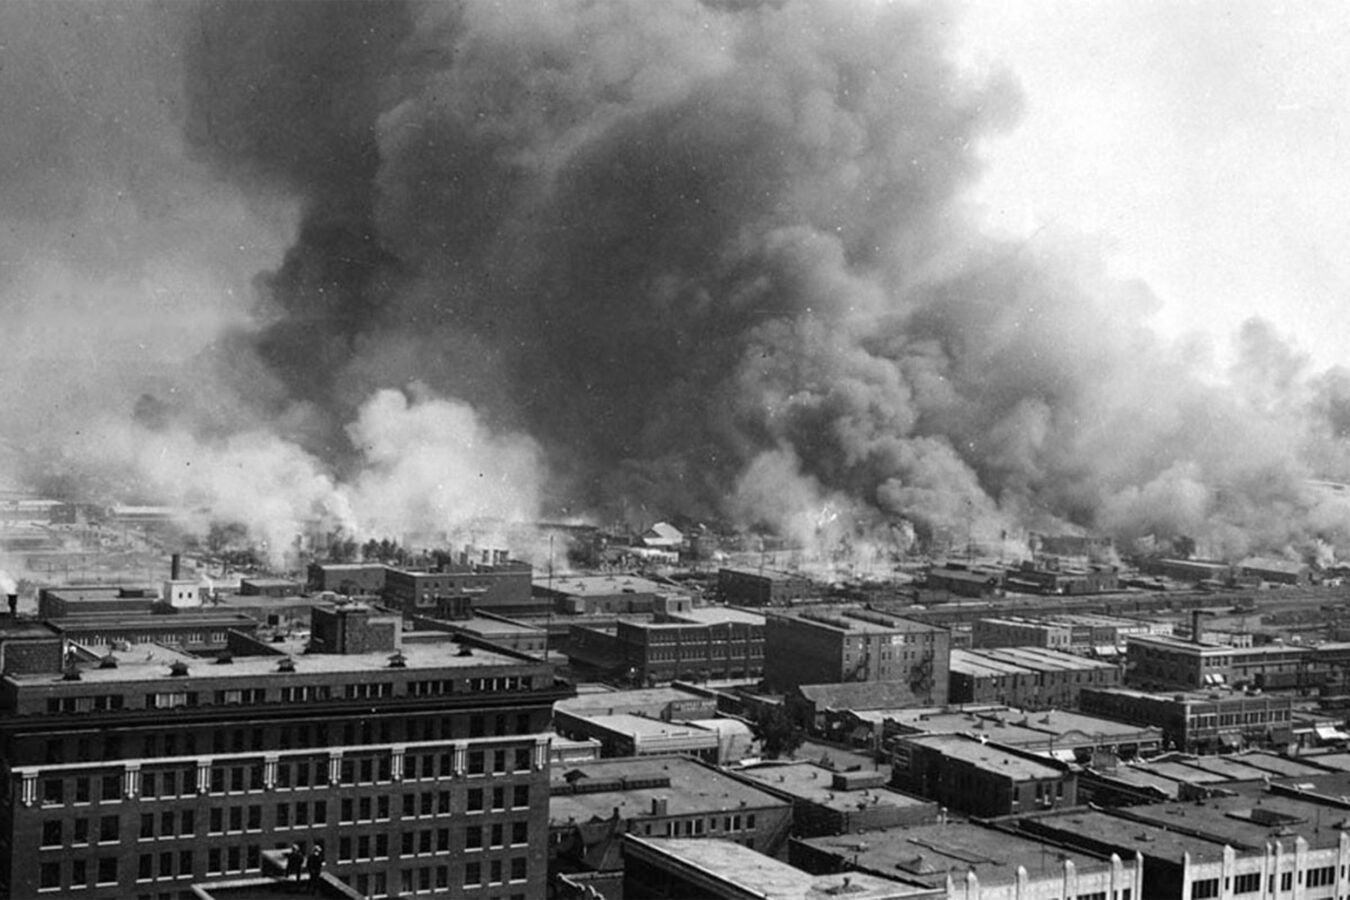 Tulsa buildings on fire.